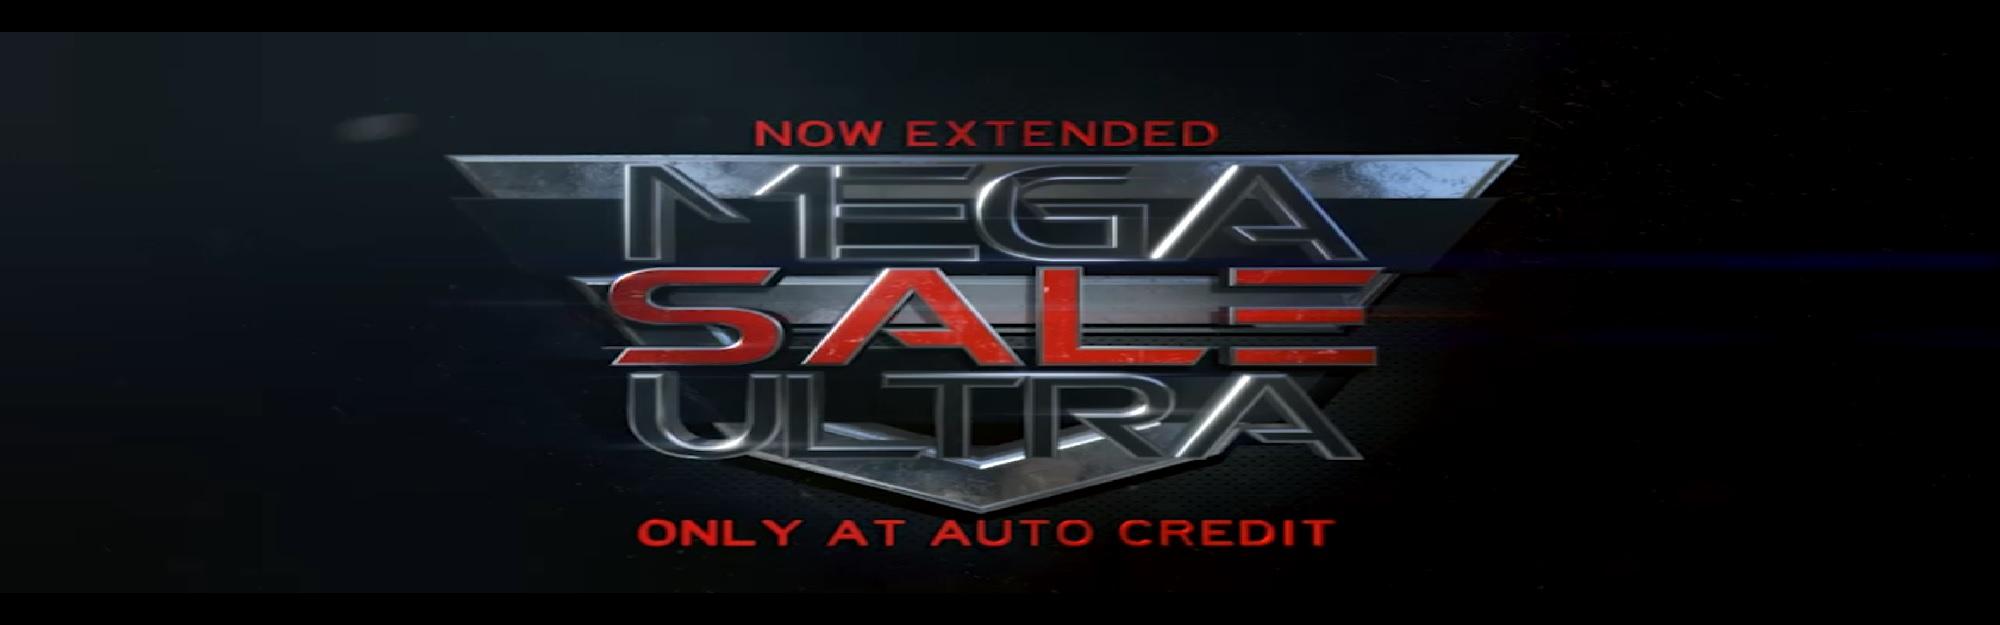 Mega-Ultra-Sale-Extended-Slider-Image-2